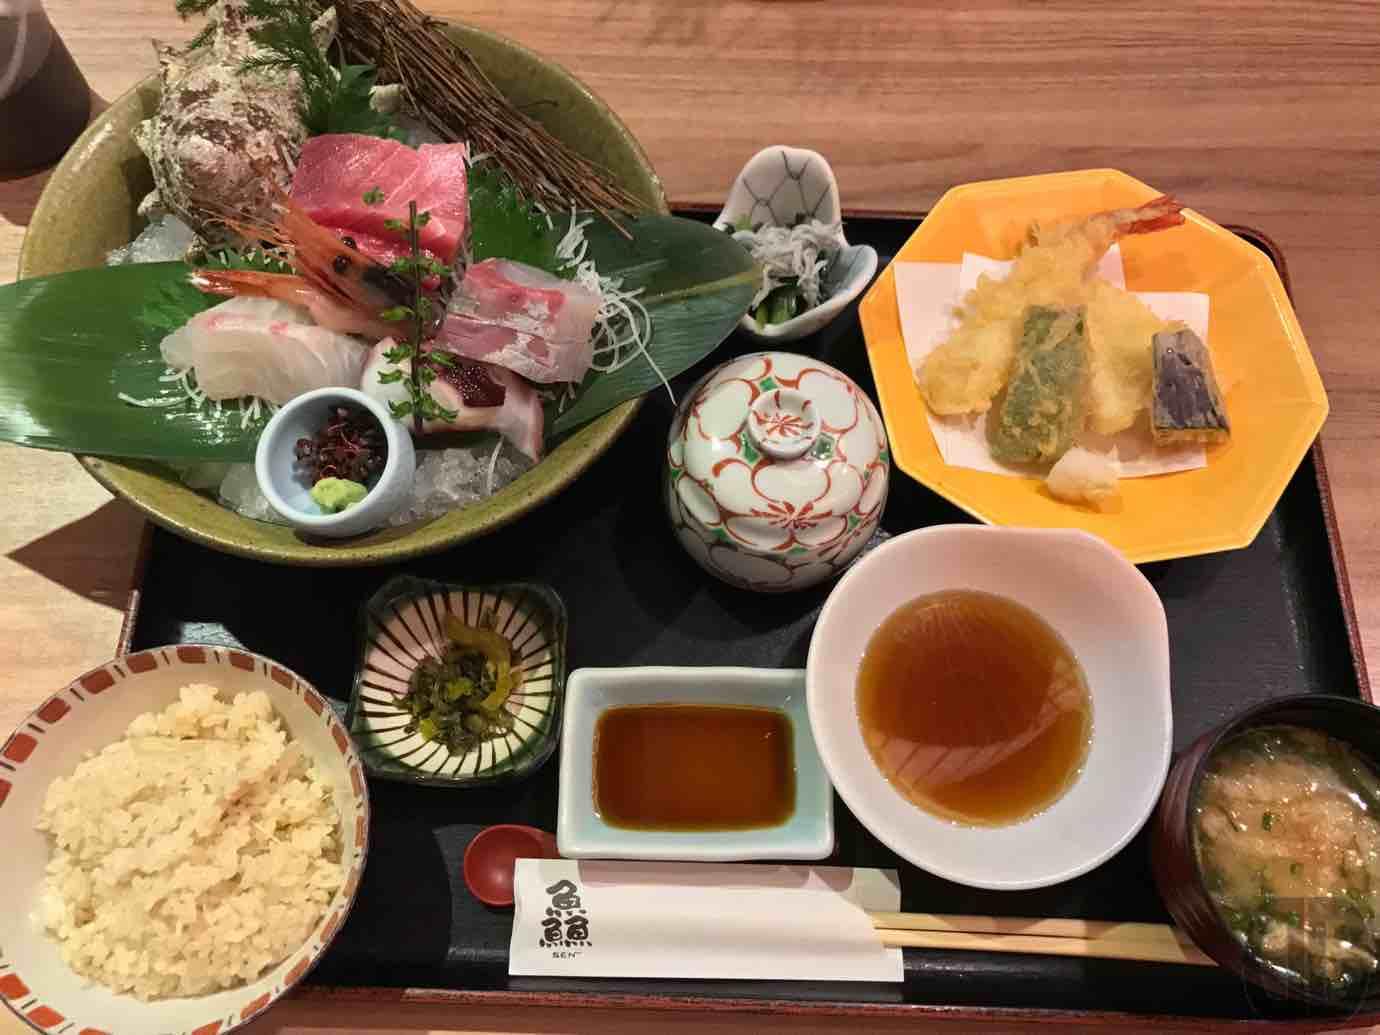 うを匠鱻(せん)神楽坂店で新メニュー?上造り天ぷら御膳でお刺身と天ぷらの両方をいただく